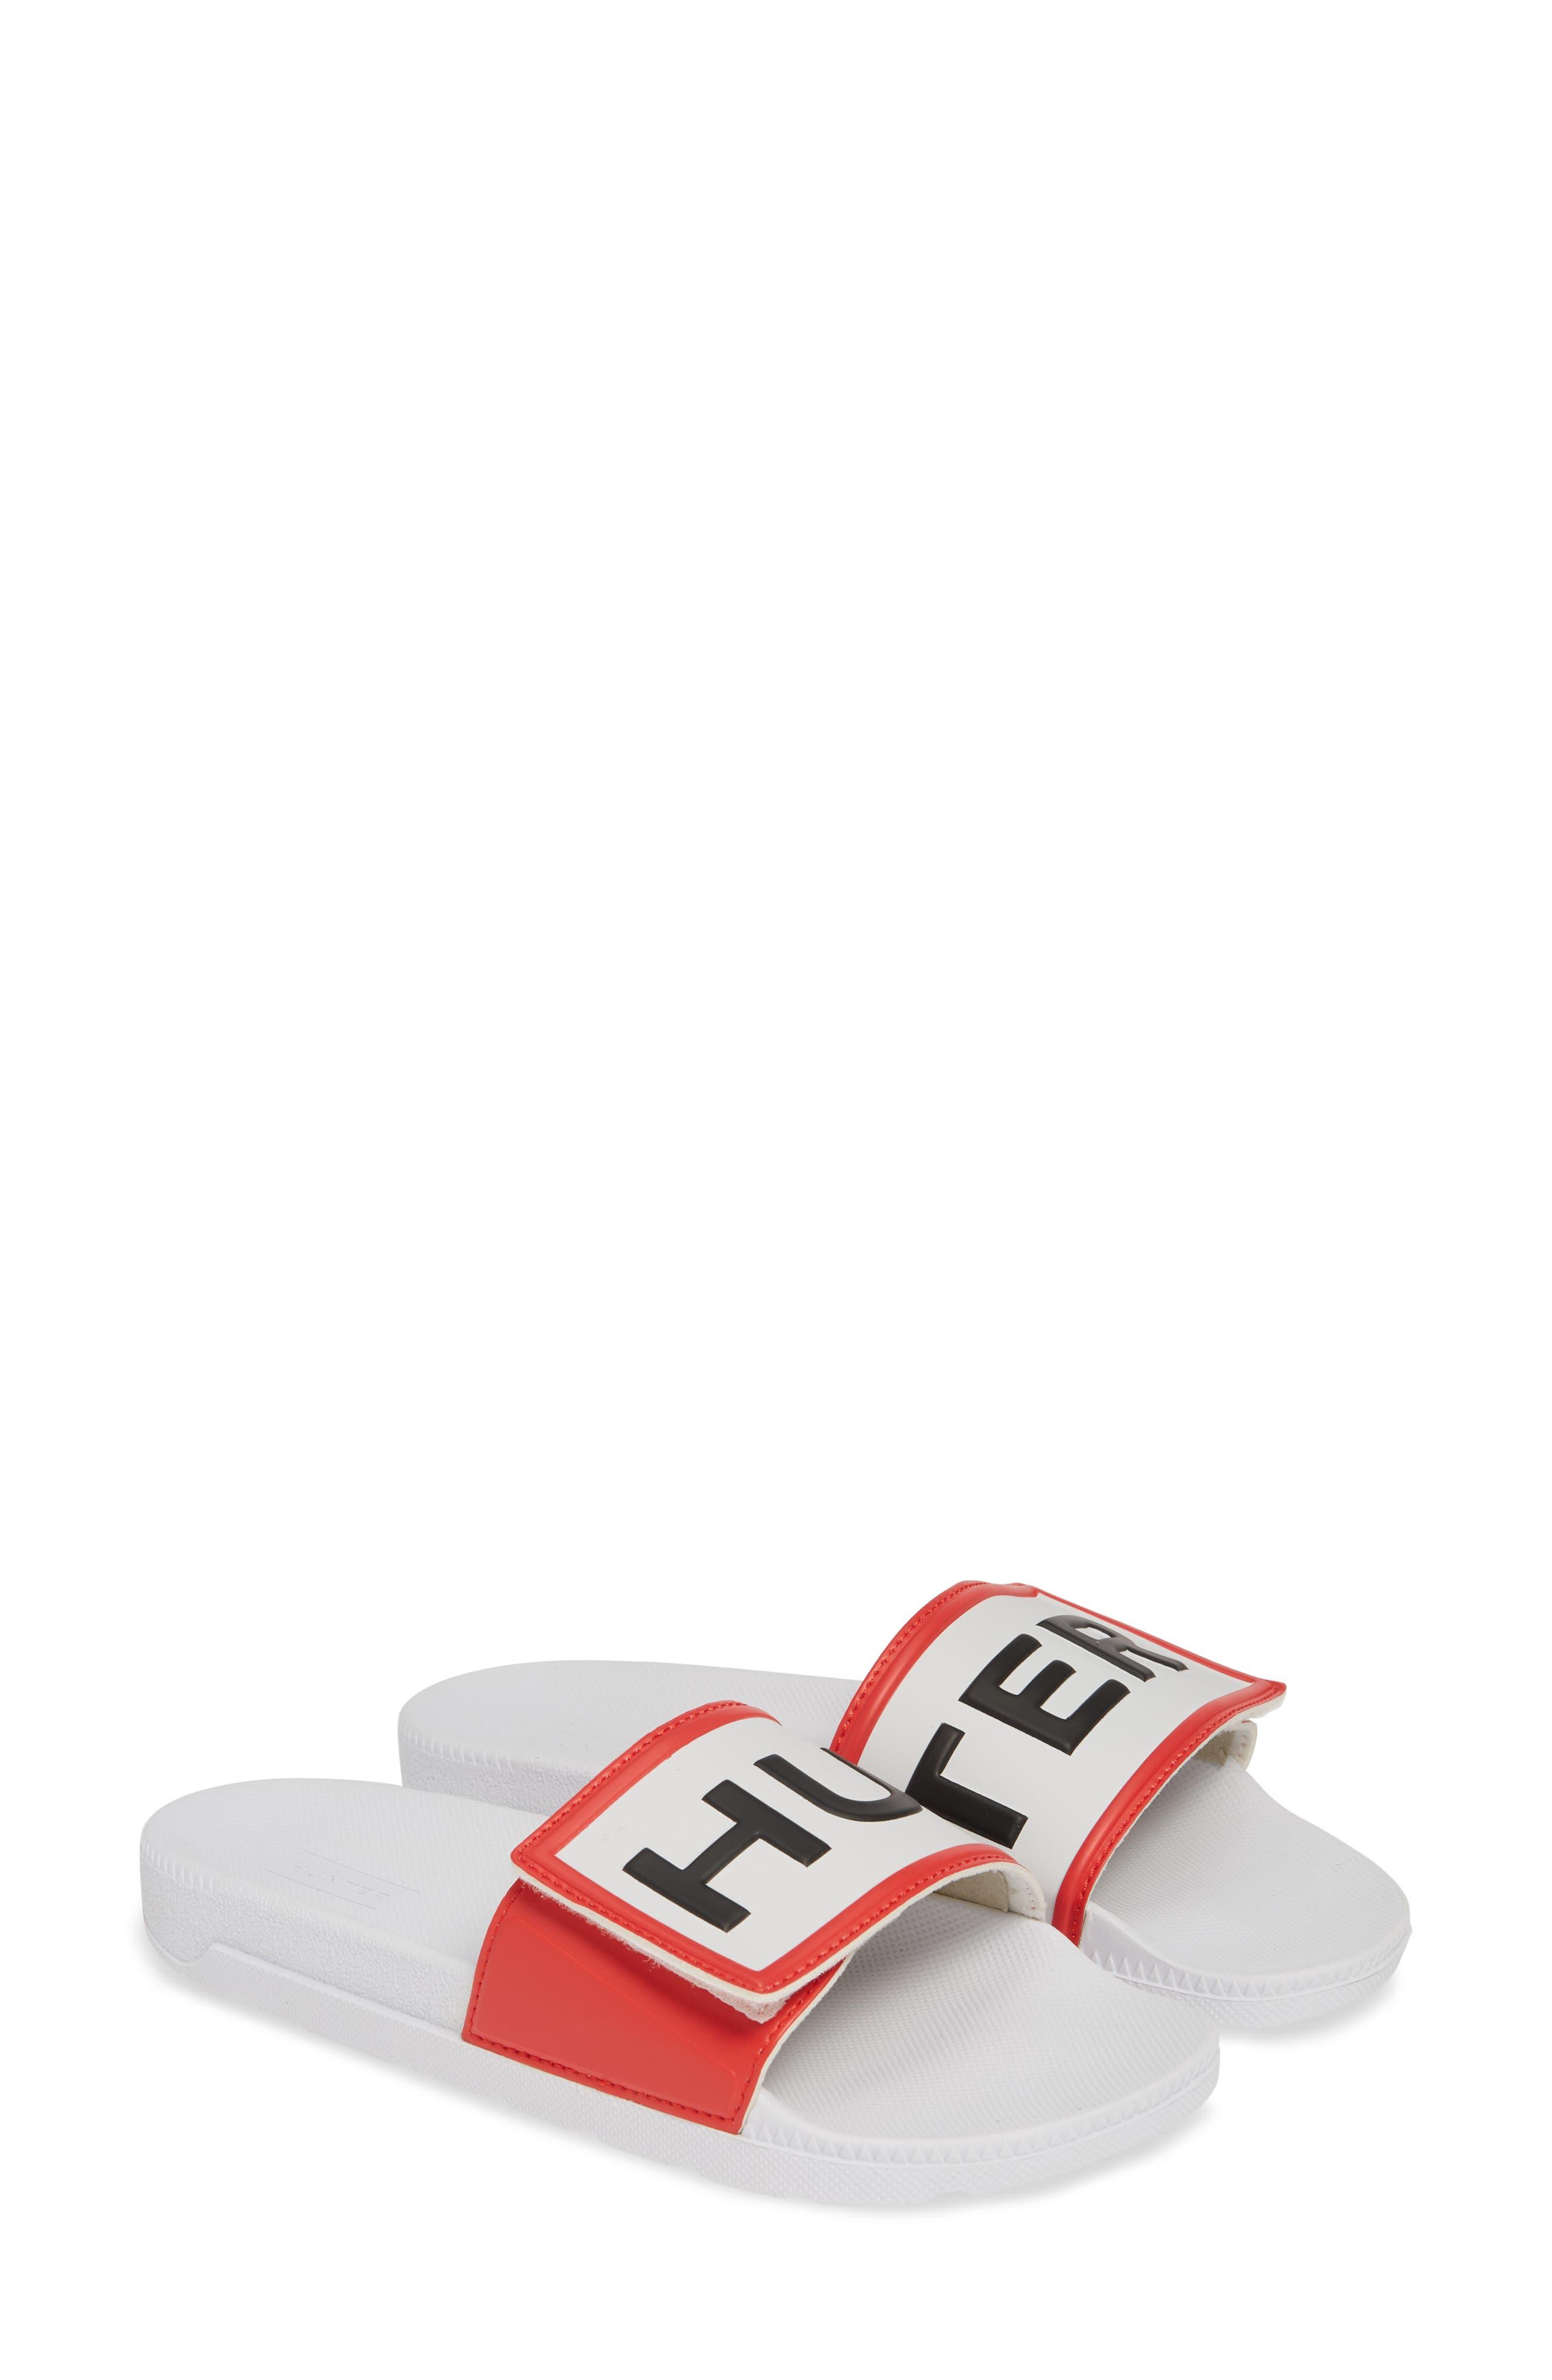 HUNTER, Original Adjustable Logo Slide Sandal, Alternate thumbnail 2, color, WHITE/ WHITE